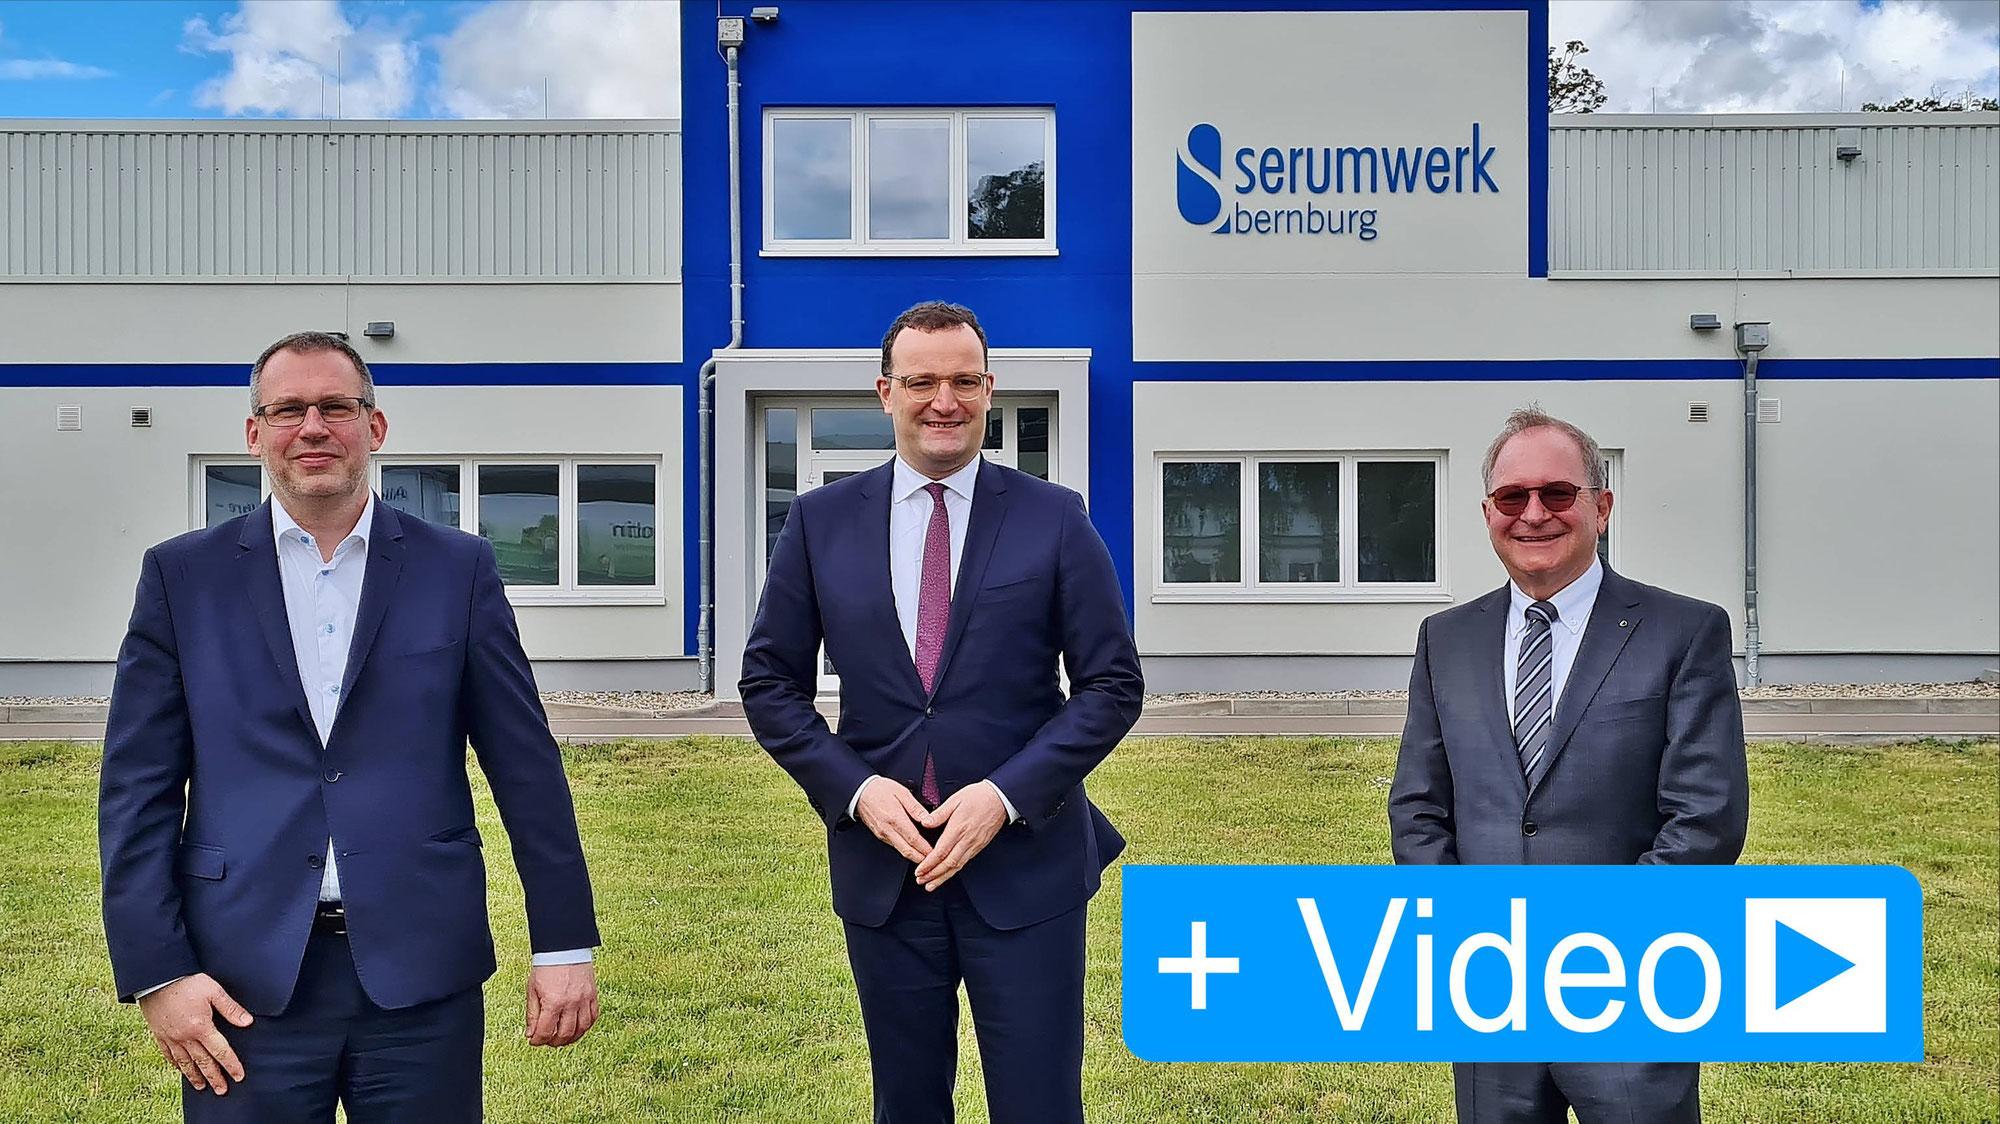 Bundesgesundheitsminister besuchte das Serumwerk Bernburg